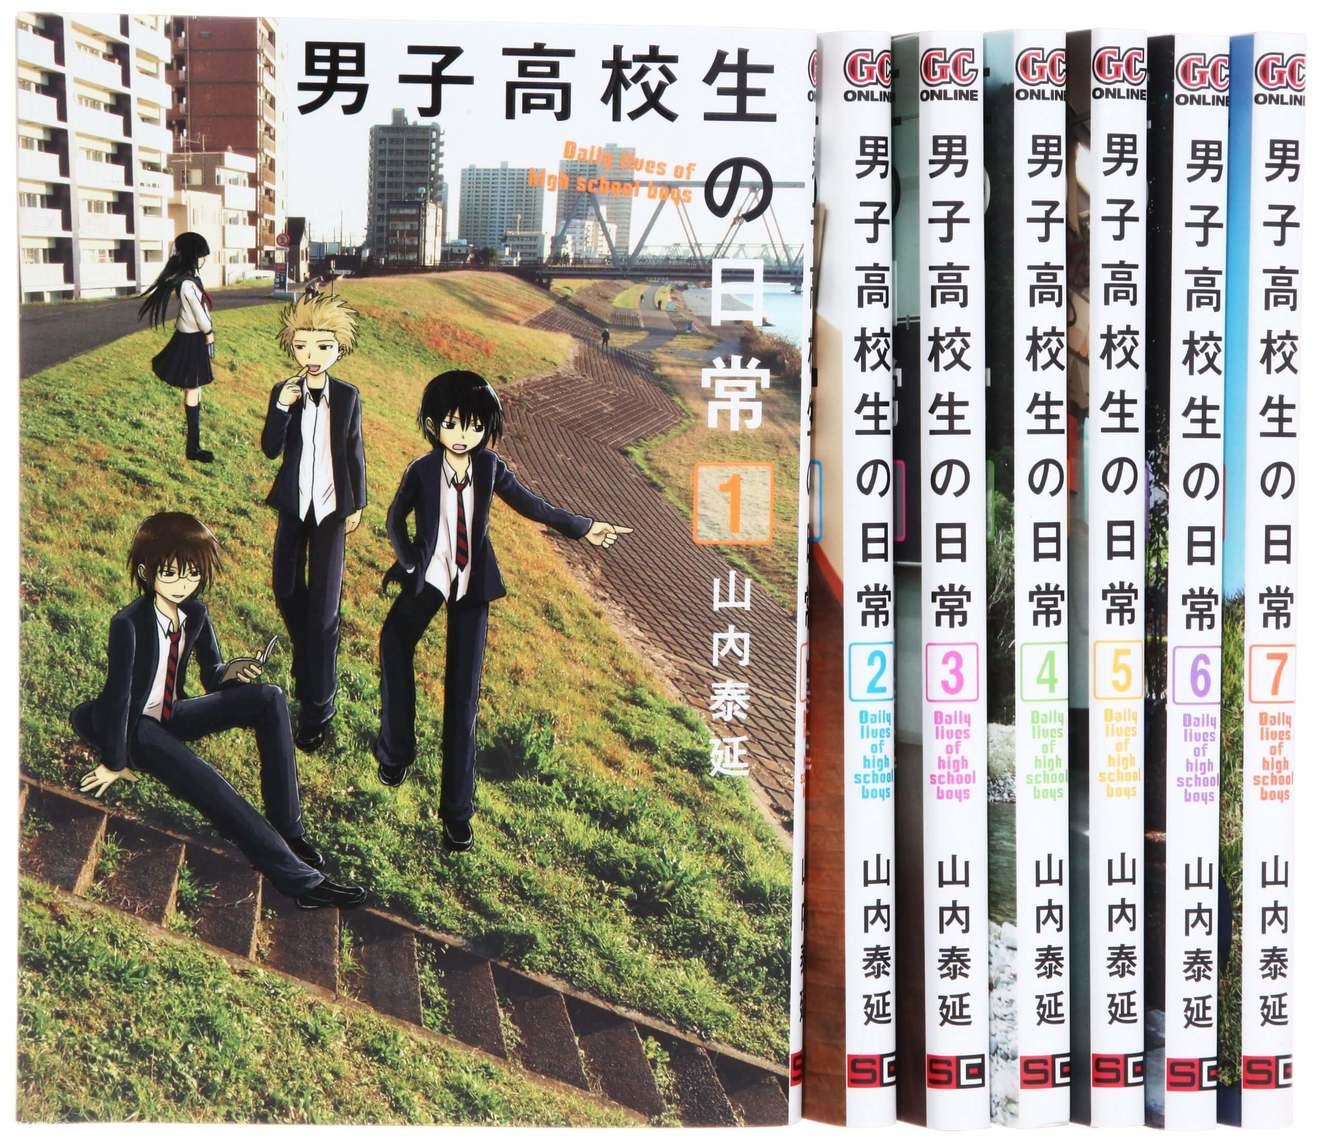 漫画『男子高校生の日常』が無料!アニメ、映画化の人気の訳はキャラにあり?